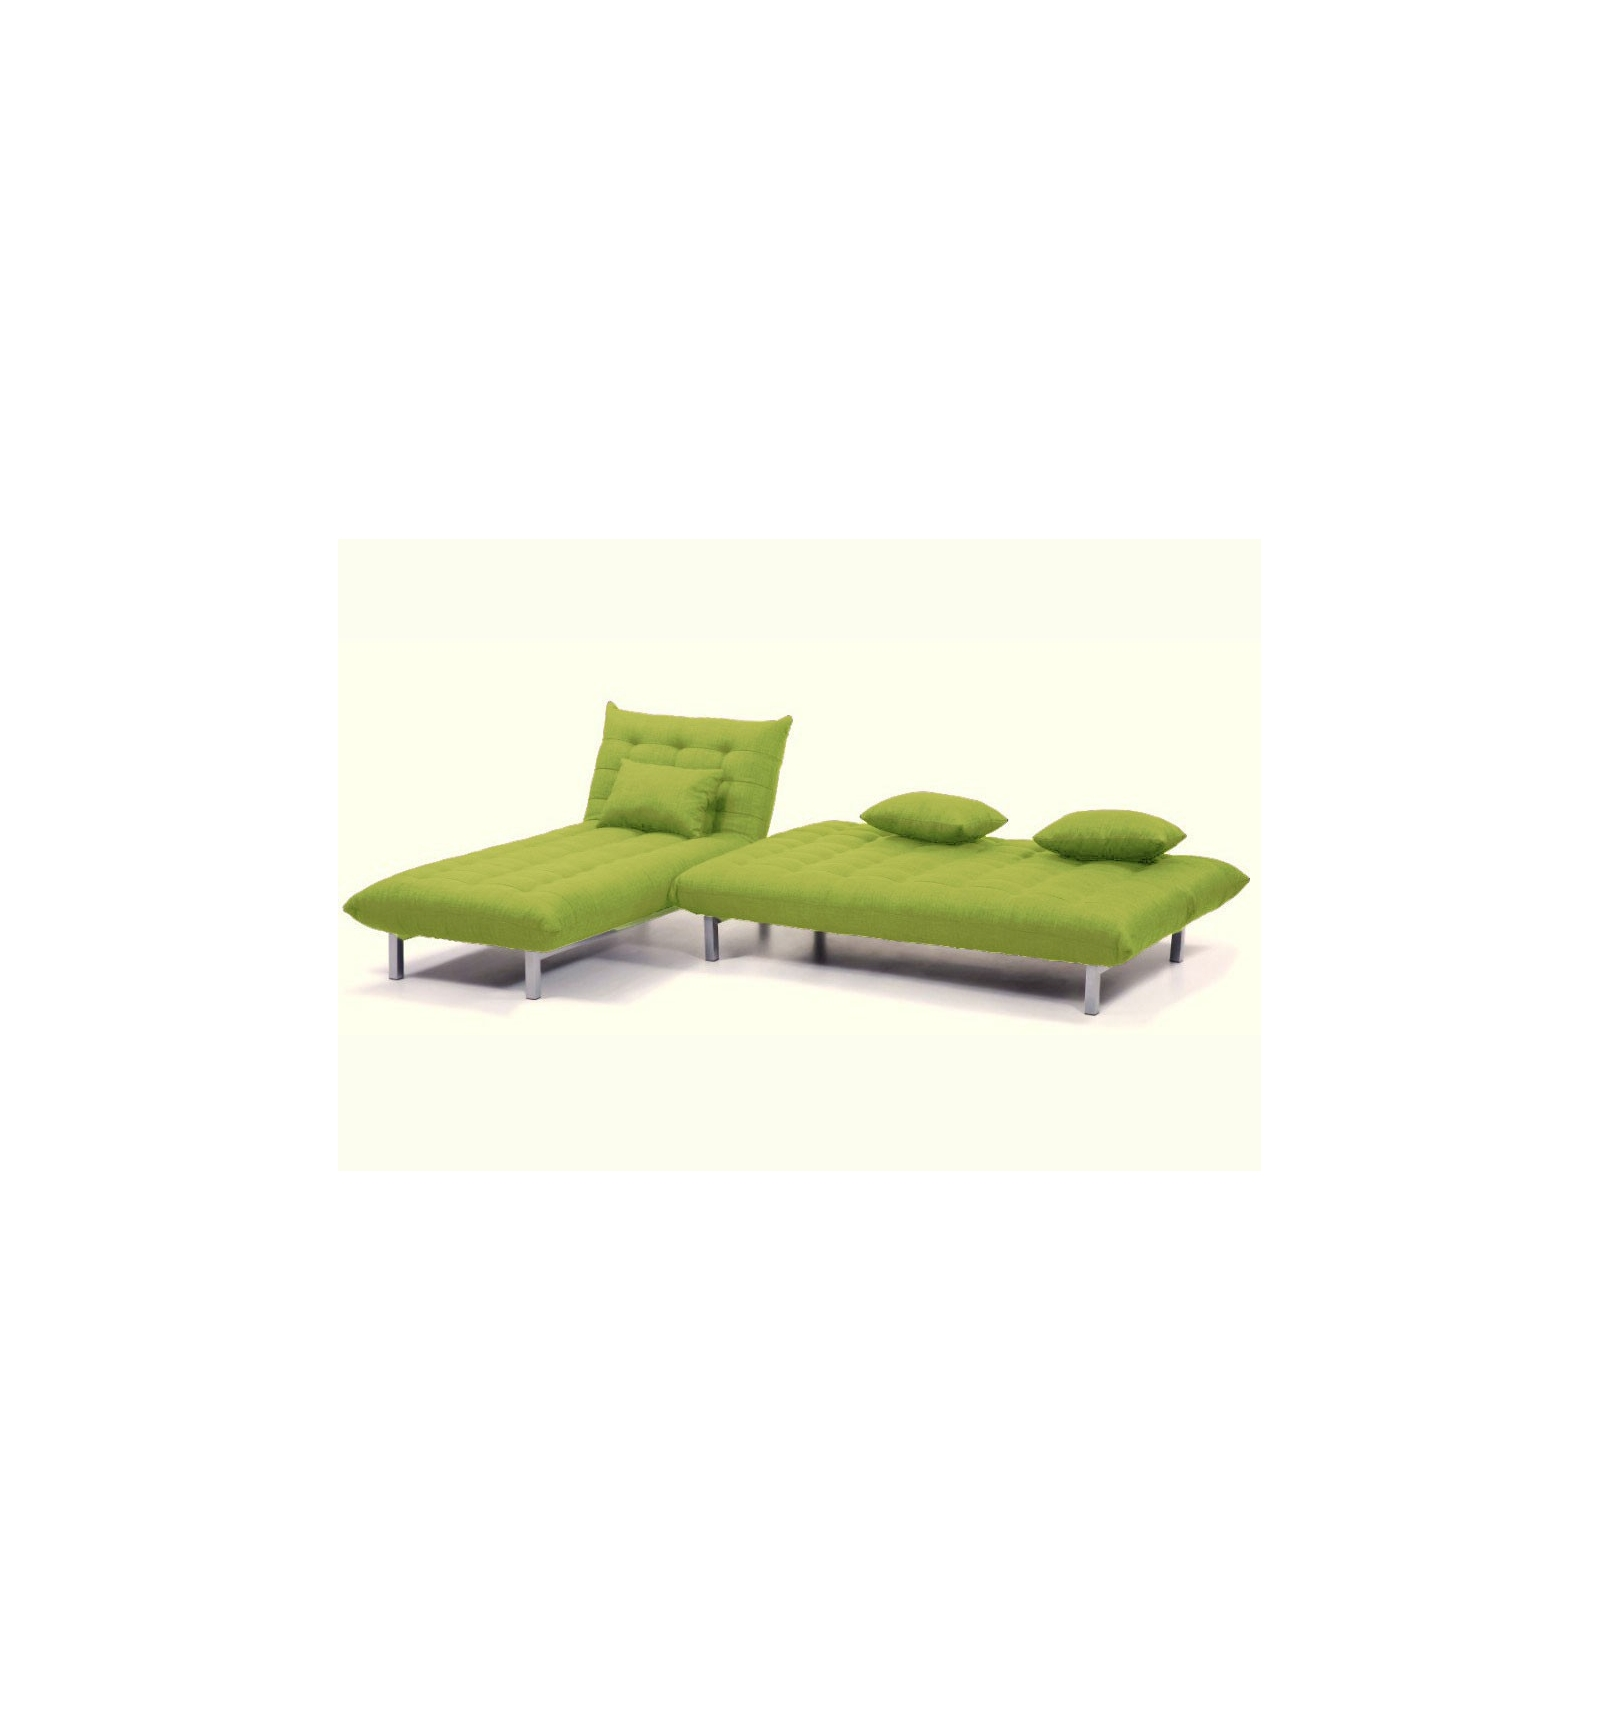 Canape lit chaise longue peninsula for Recherche chaise longue